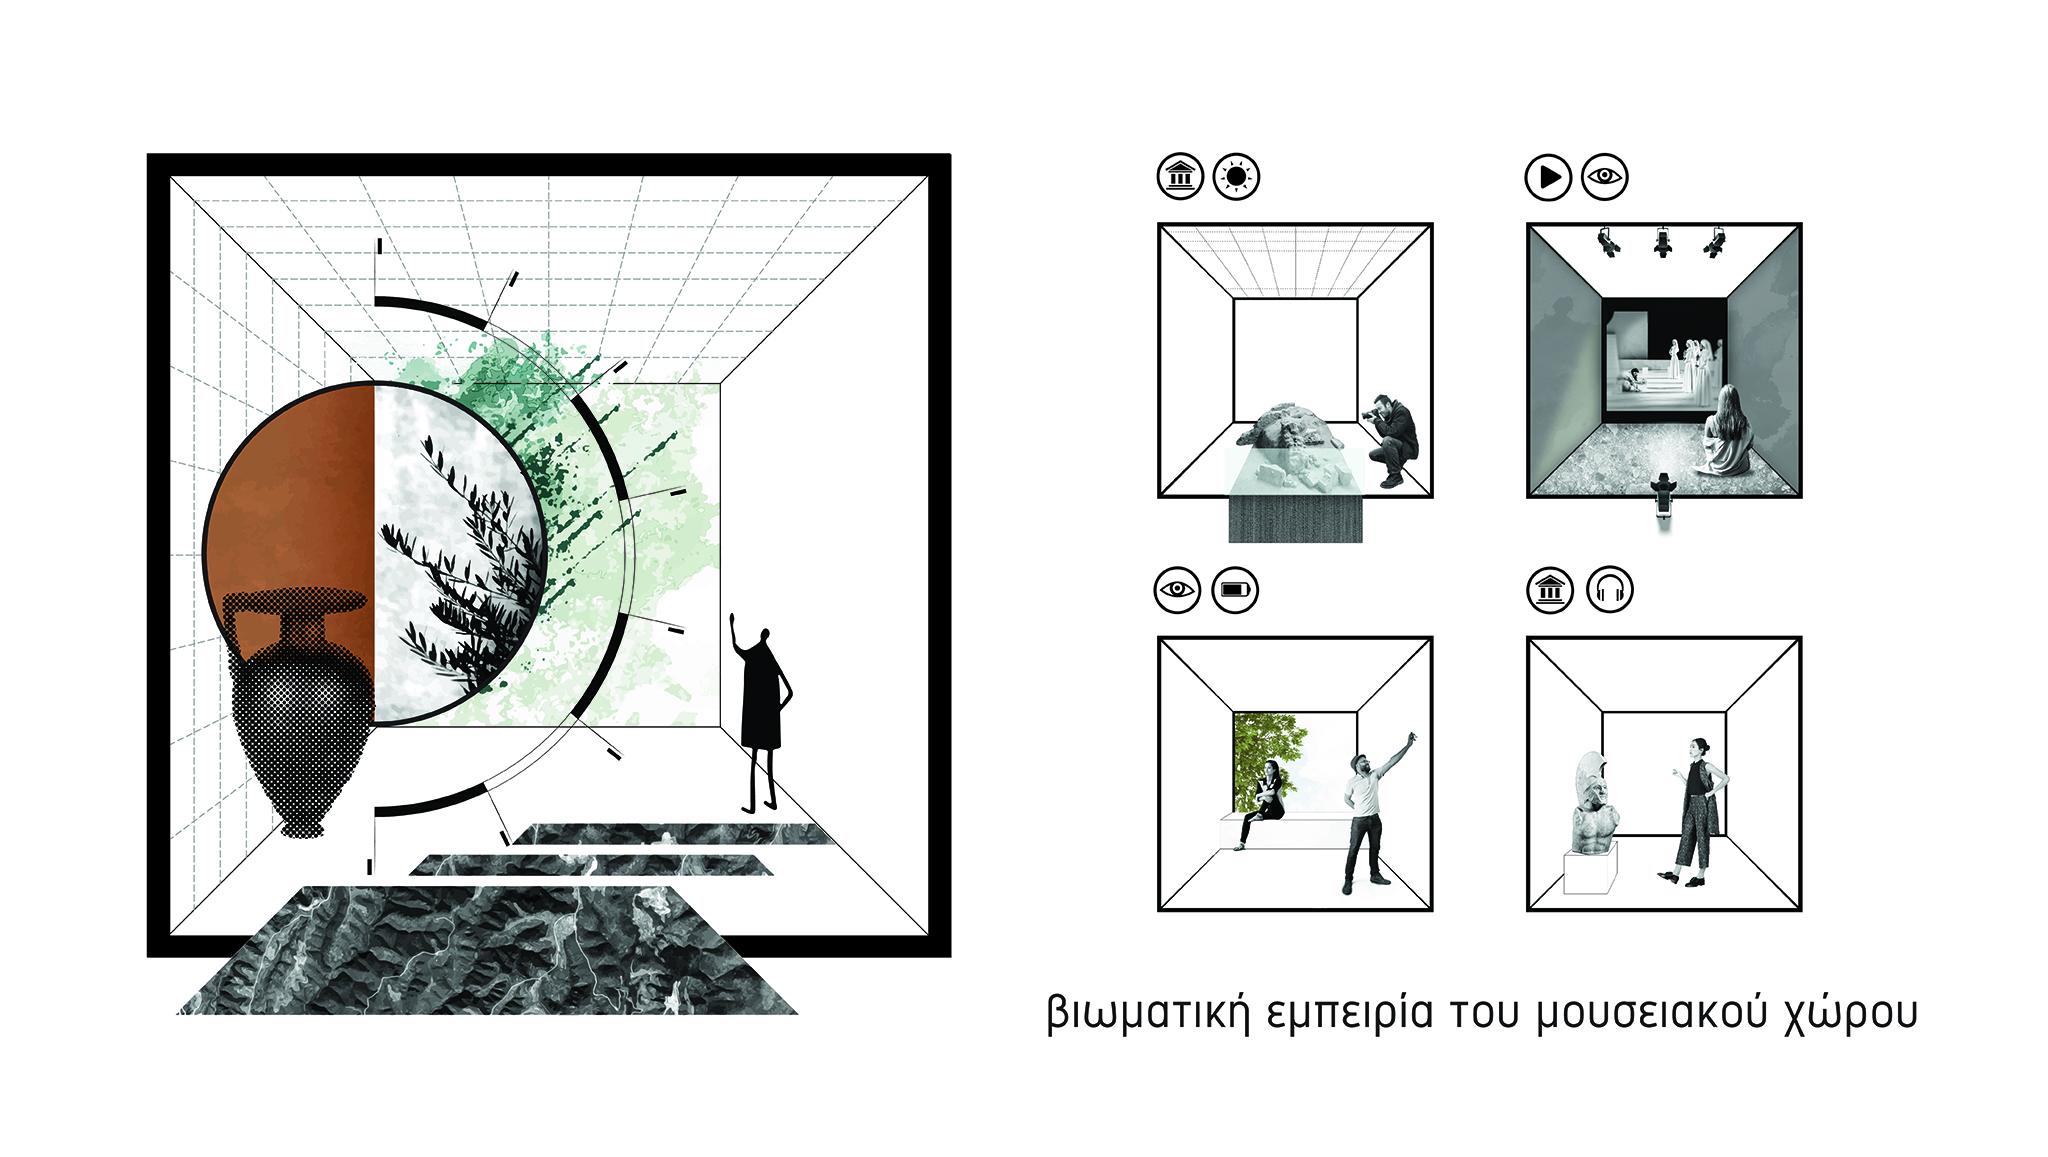 110_NAMS_03_Concept_quasi_2048.jpg